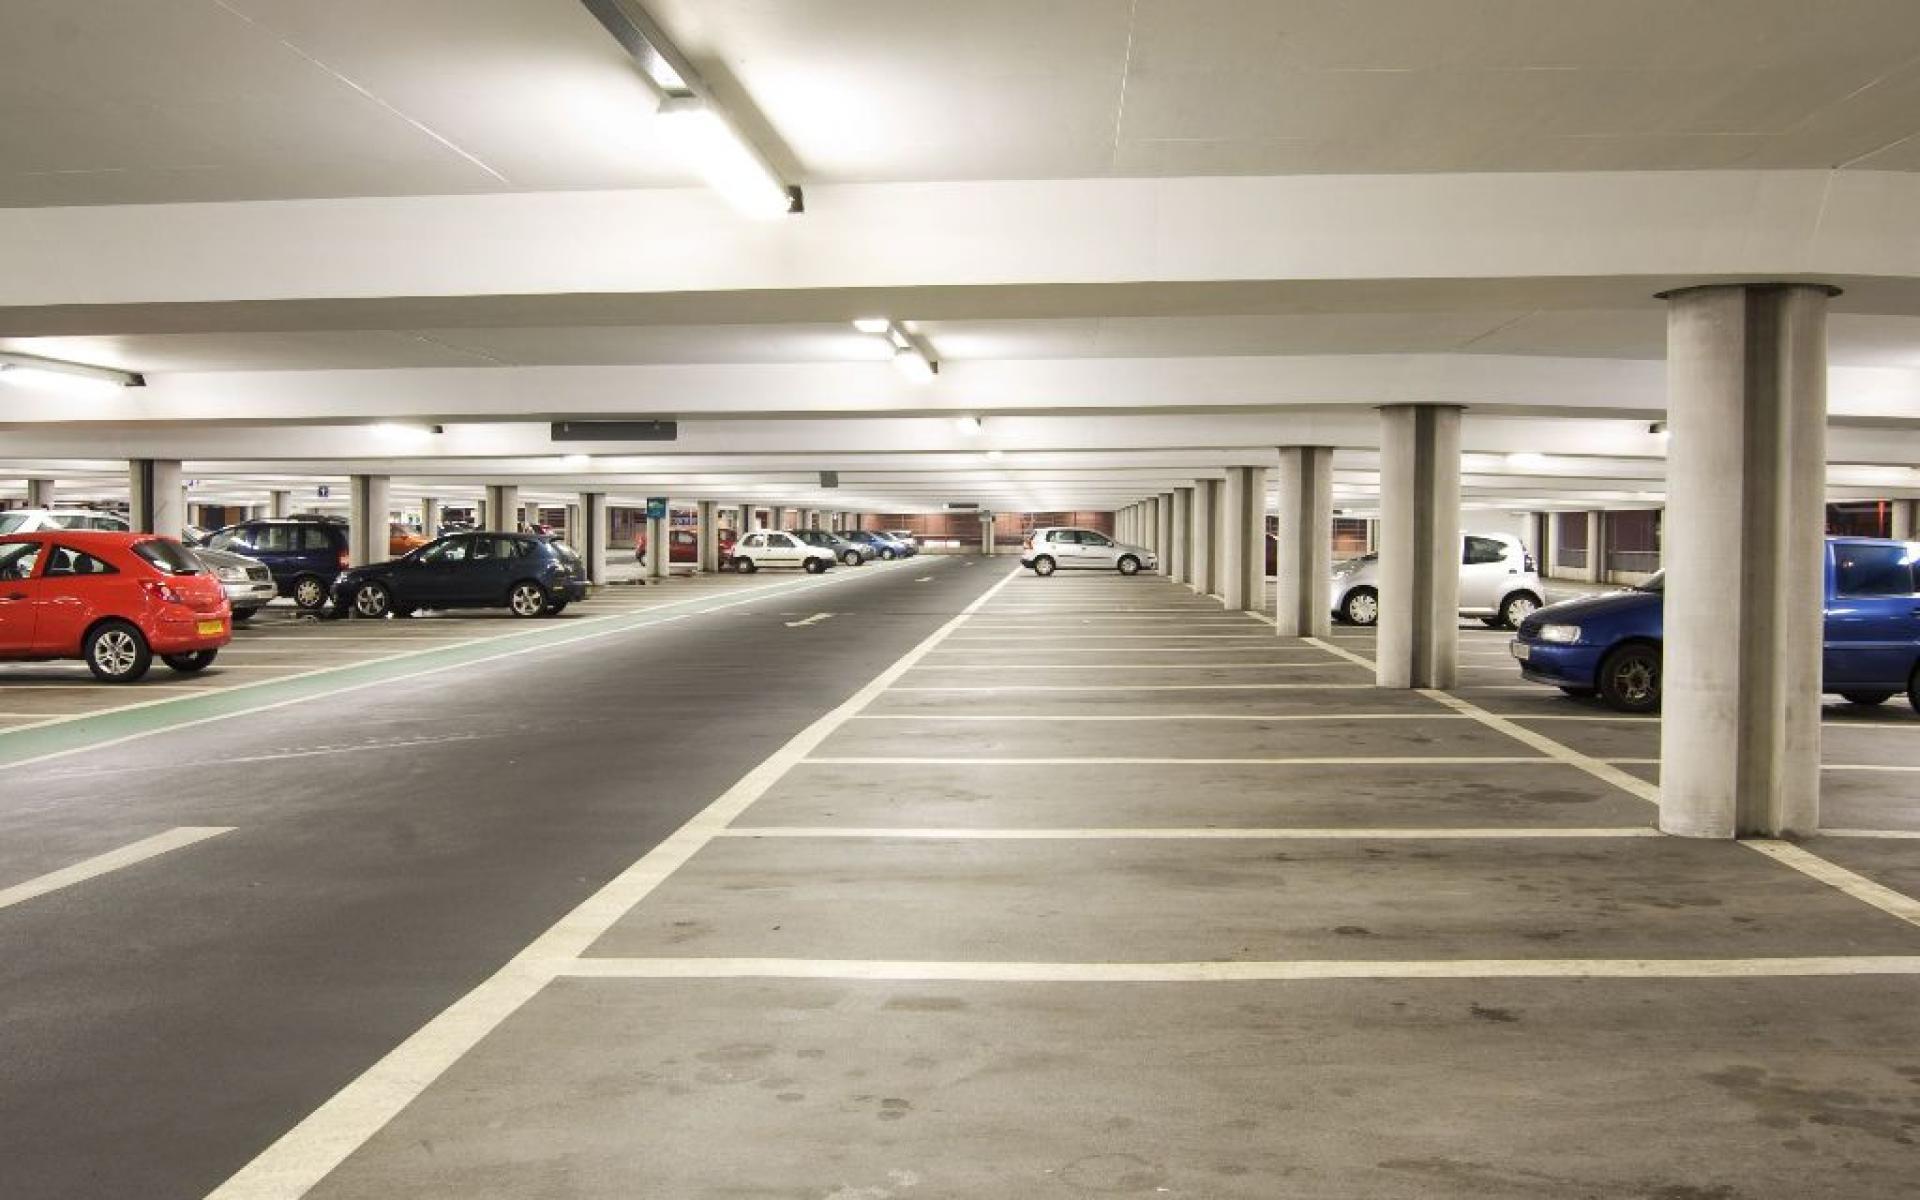 Location parking Montpellier, s'informer sur les formules